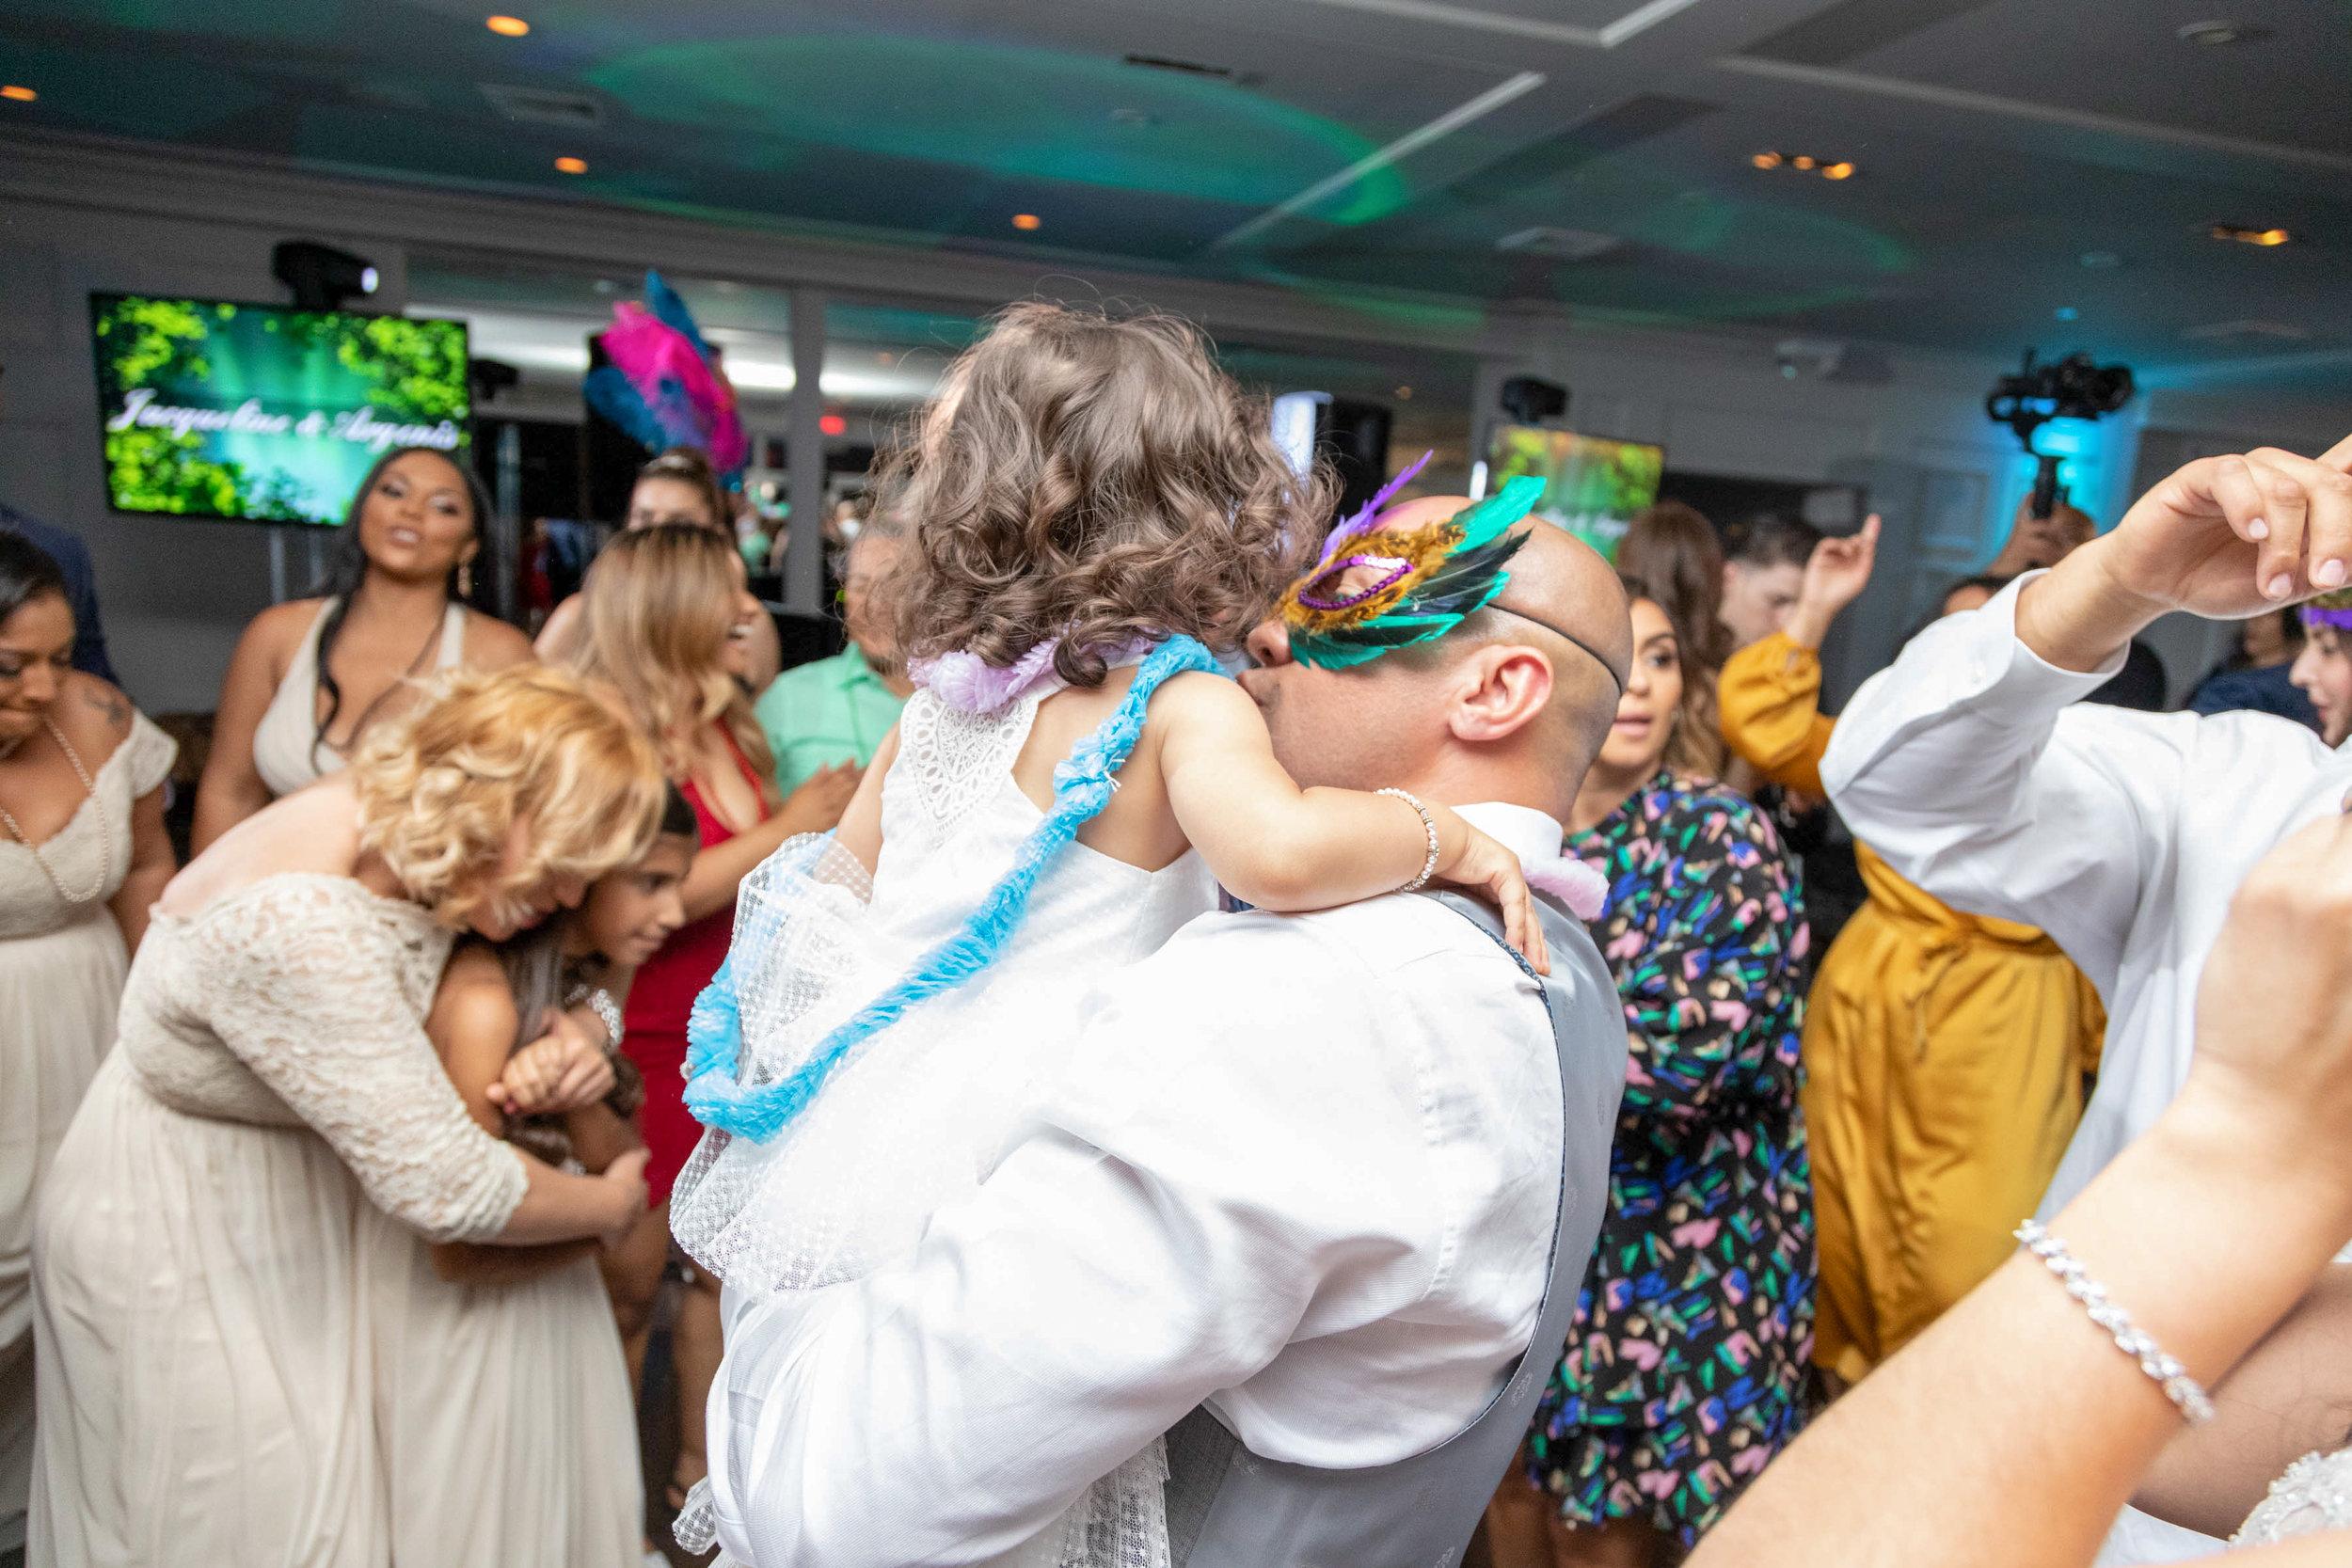 Wedding Hora Loca | Wedding Reception fun ideas | fun ideas wedding party | fun ideas wedding | fun ideas wedding reception | Hora Loca | fun wedding ideas | Crazy Hour | www.anajacqueline.com